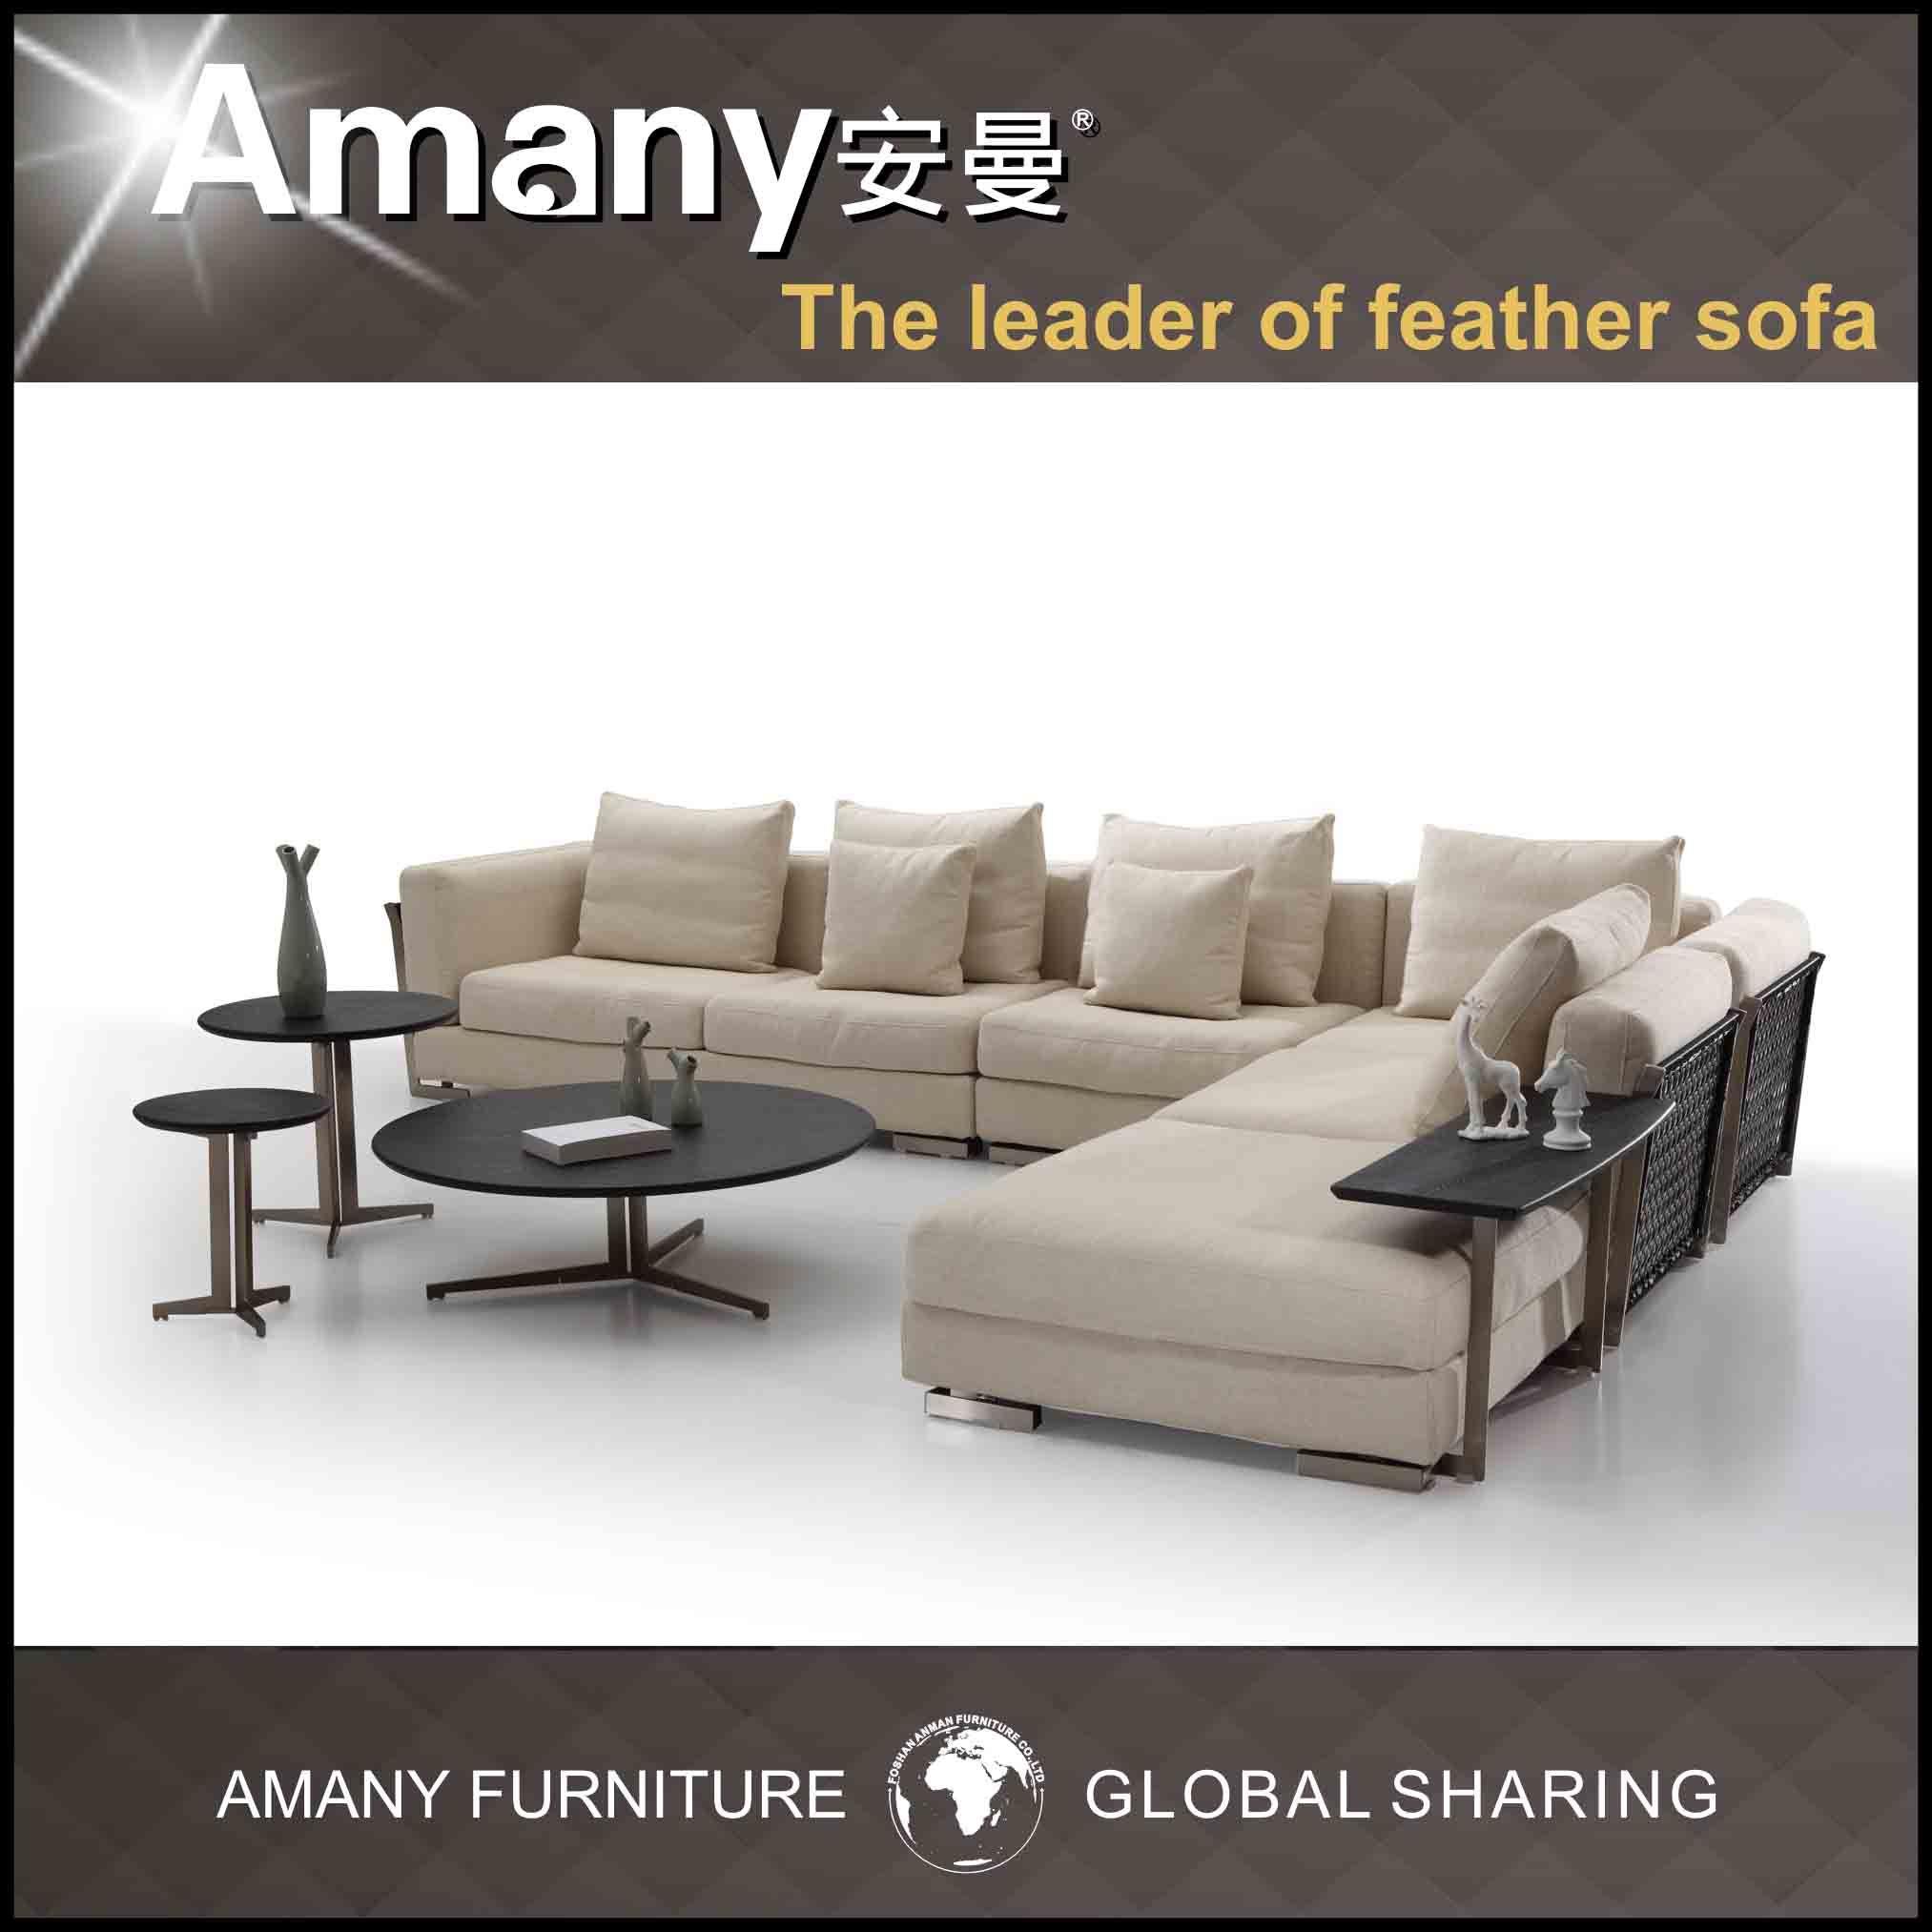 tissu moderne sofa tissu moderne sofa fournis par foshan. Black Bedroom Furniture Sets. Home Design Ideas